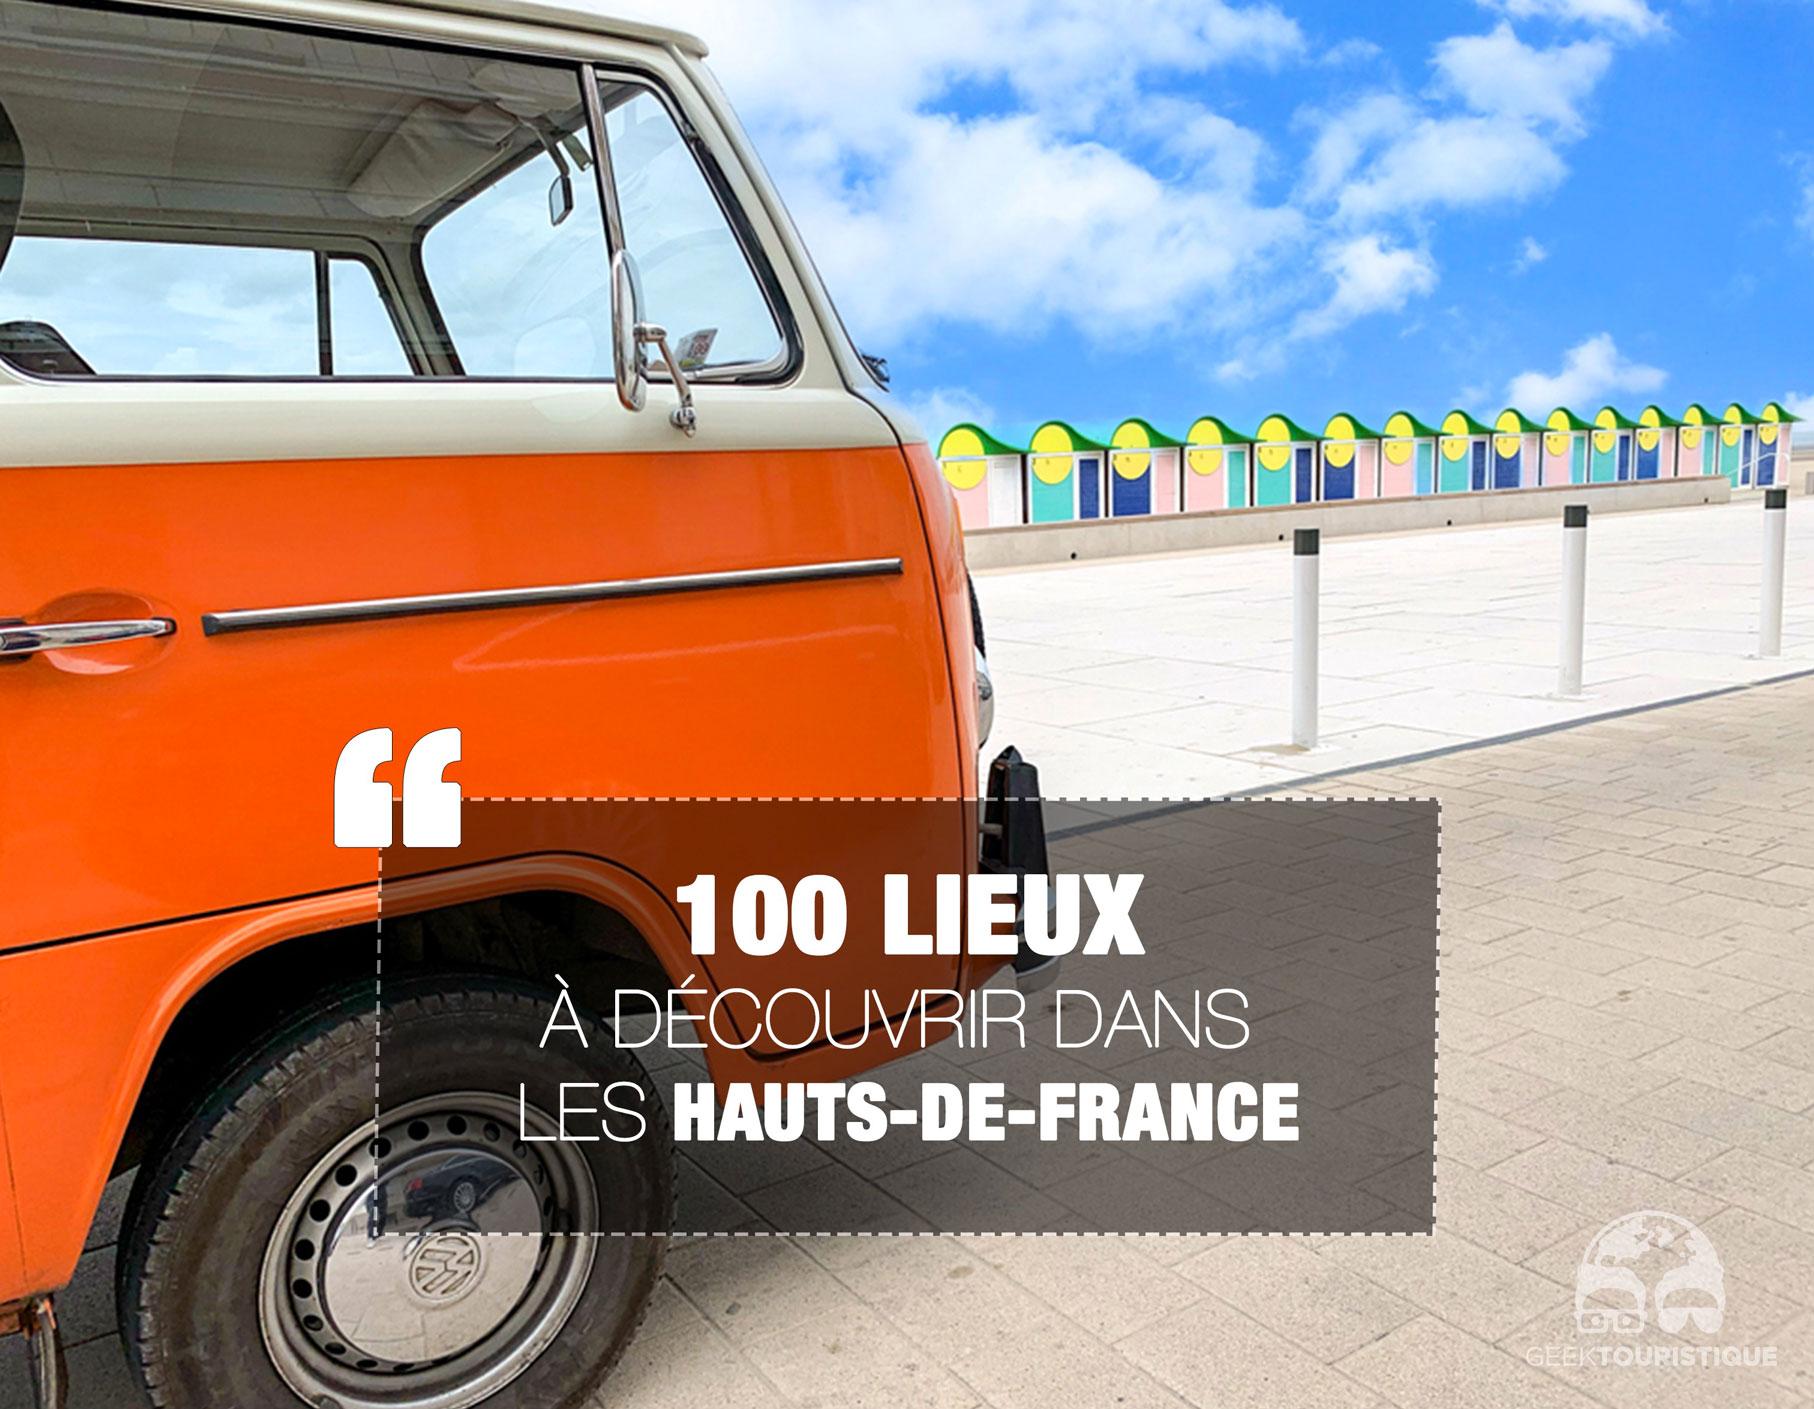 Geektouristique-100-lieux-hauts-de-france